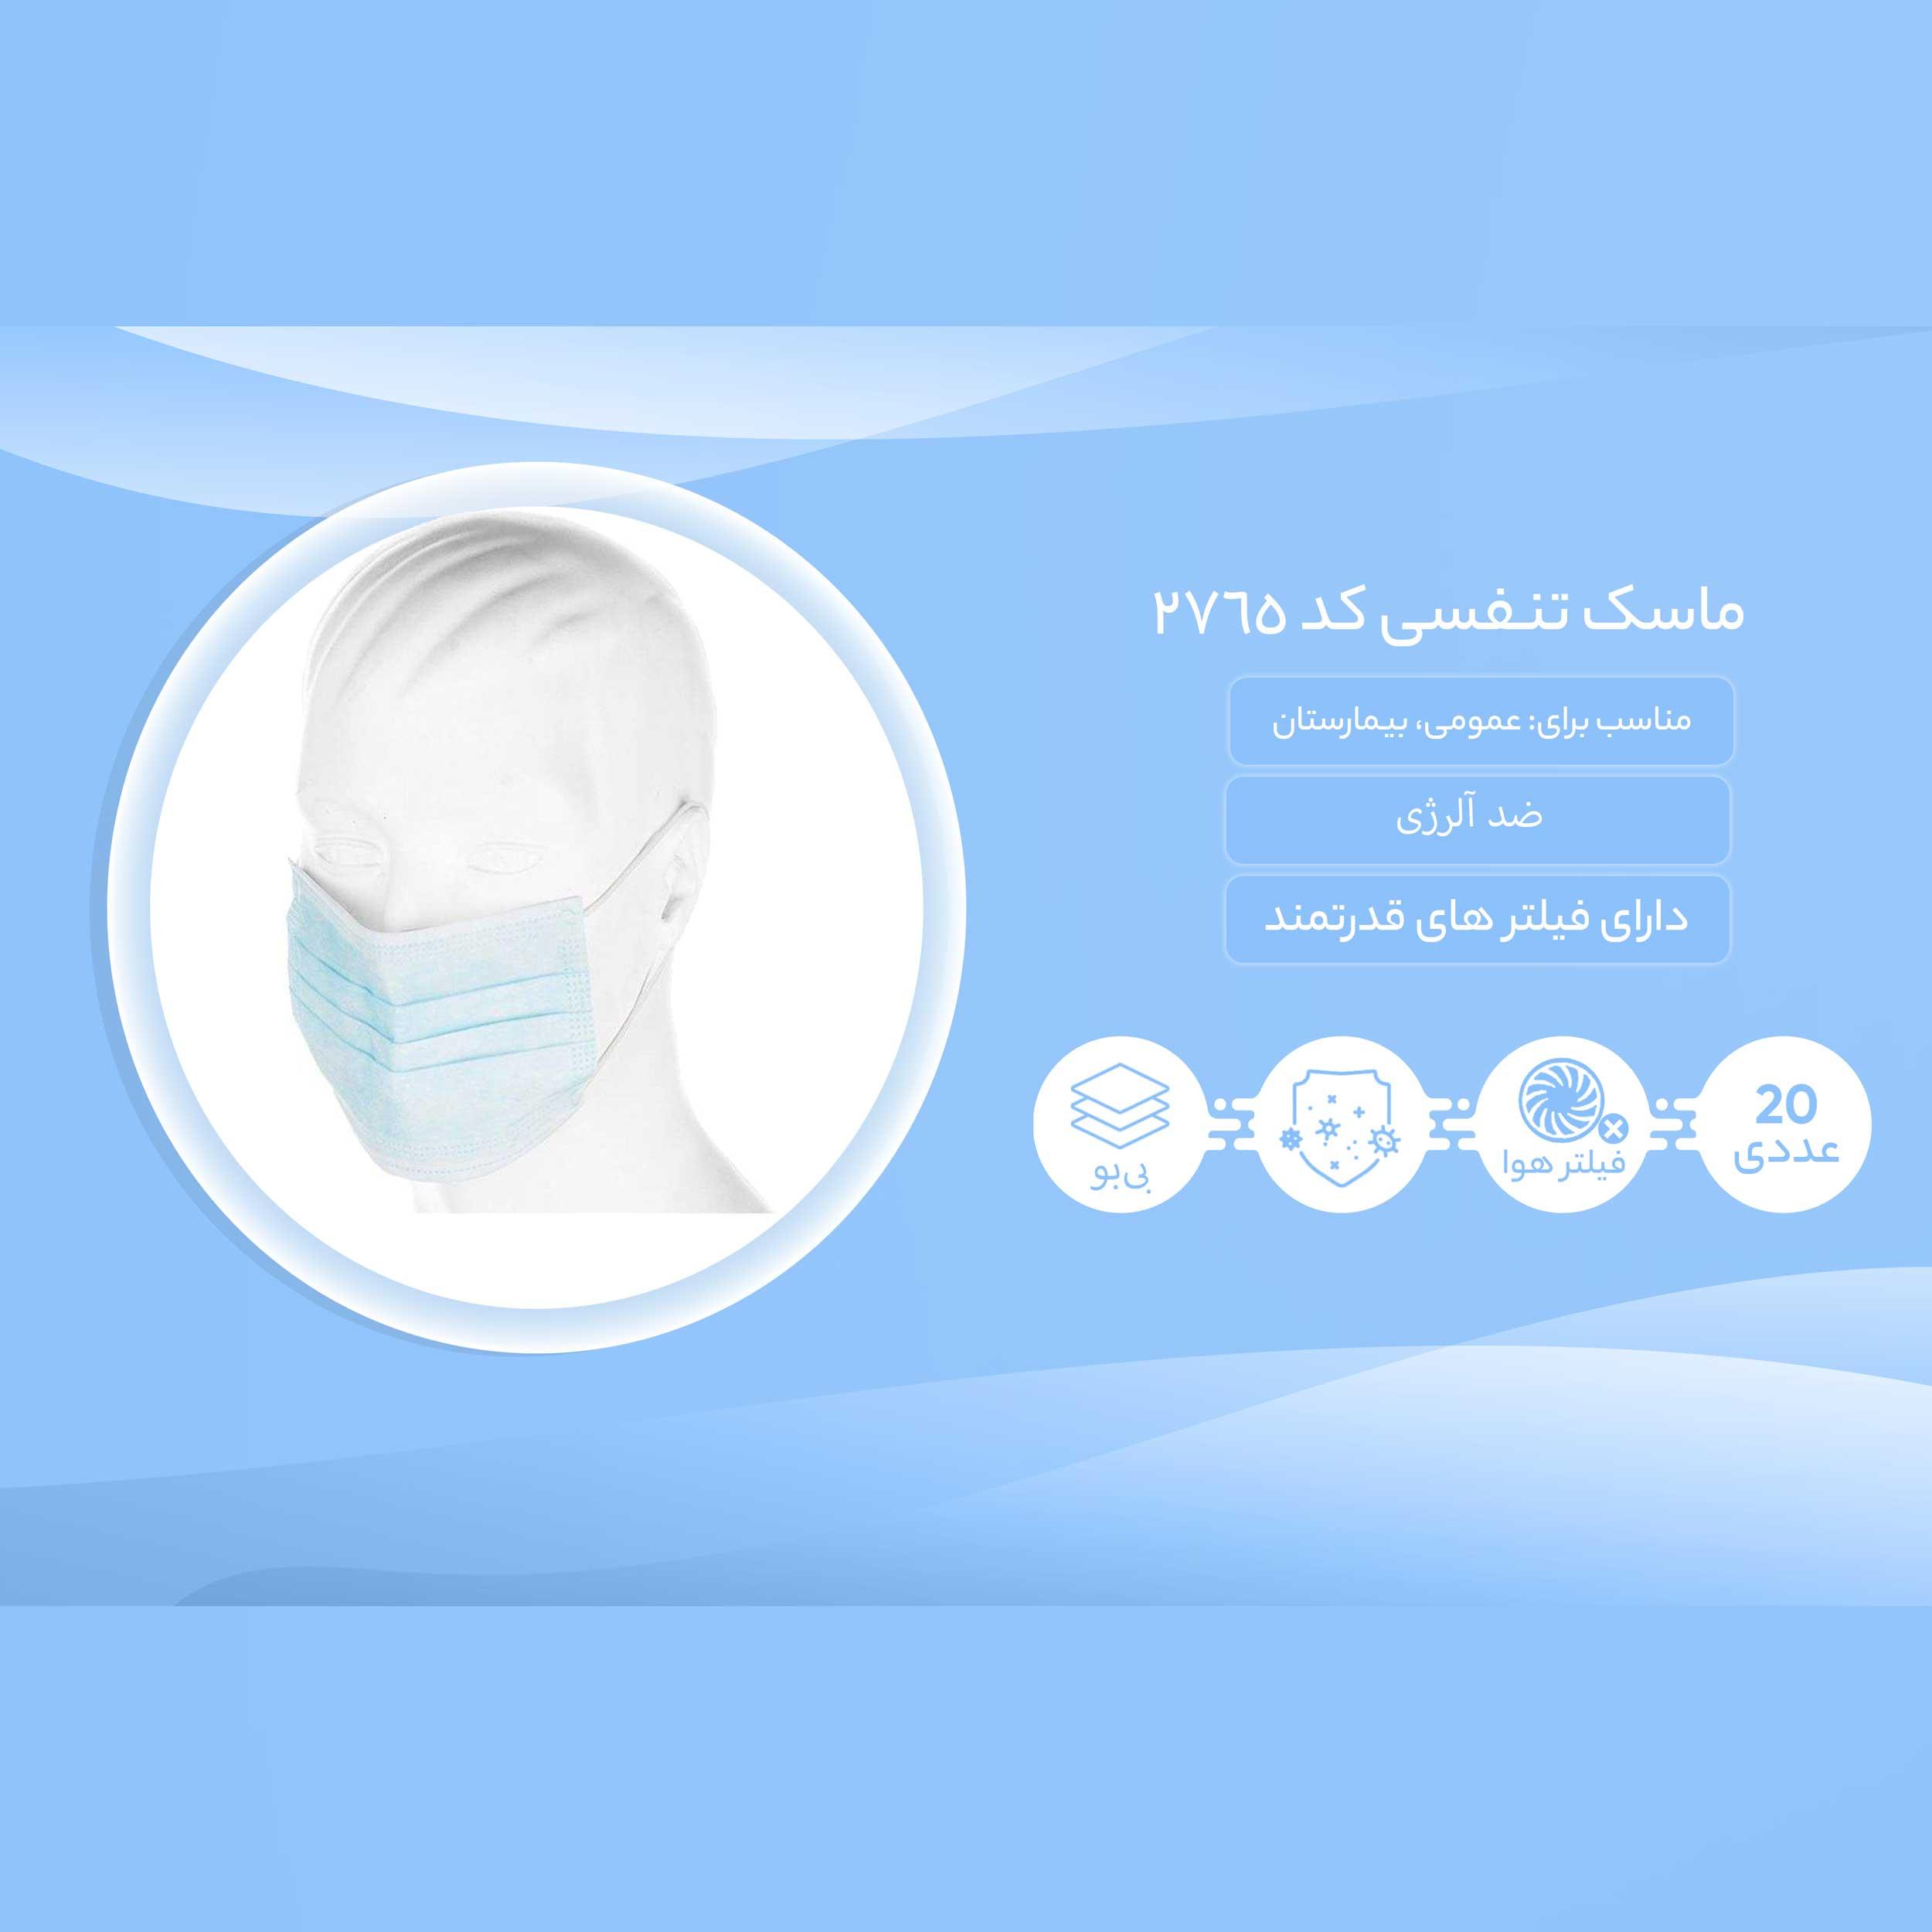 ماسک تنفسی کد 2765 بسته 20 عددی